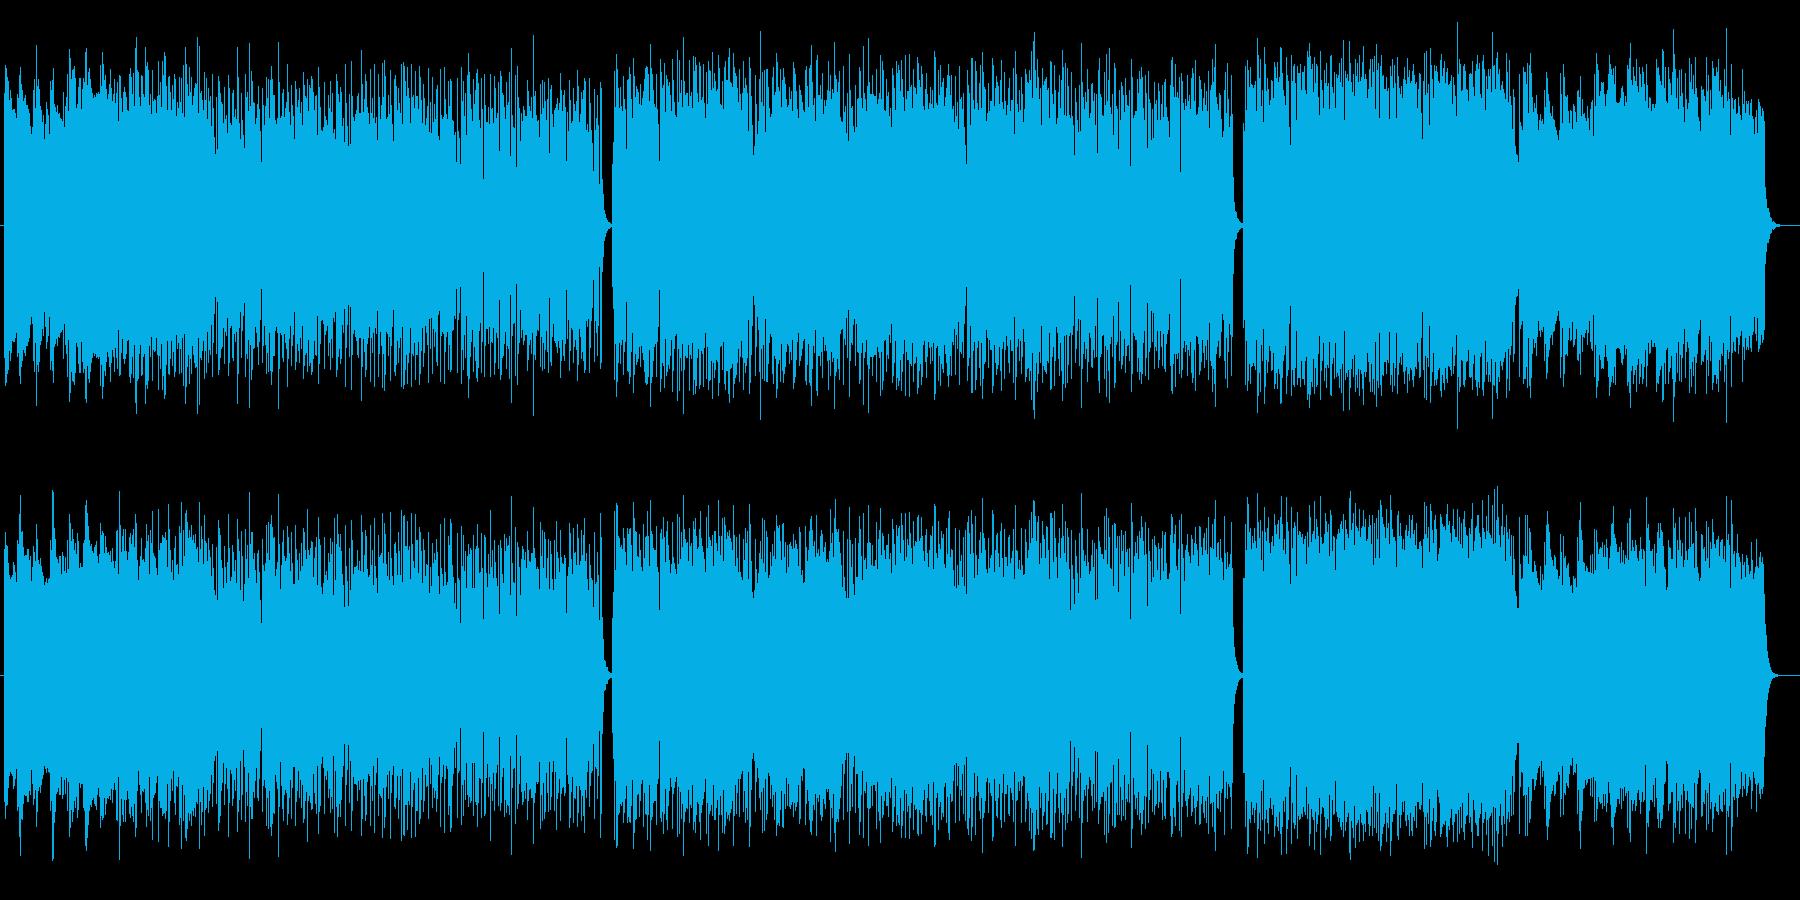 未来へ向かっていくイメージの曲の再生済みの波形